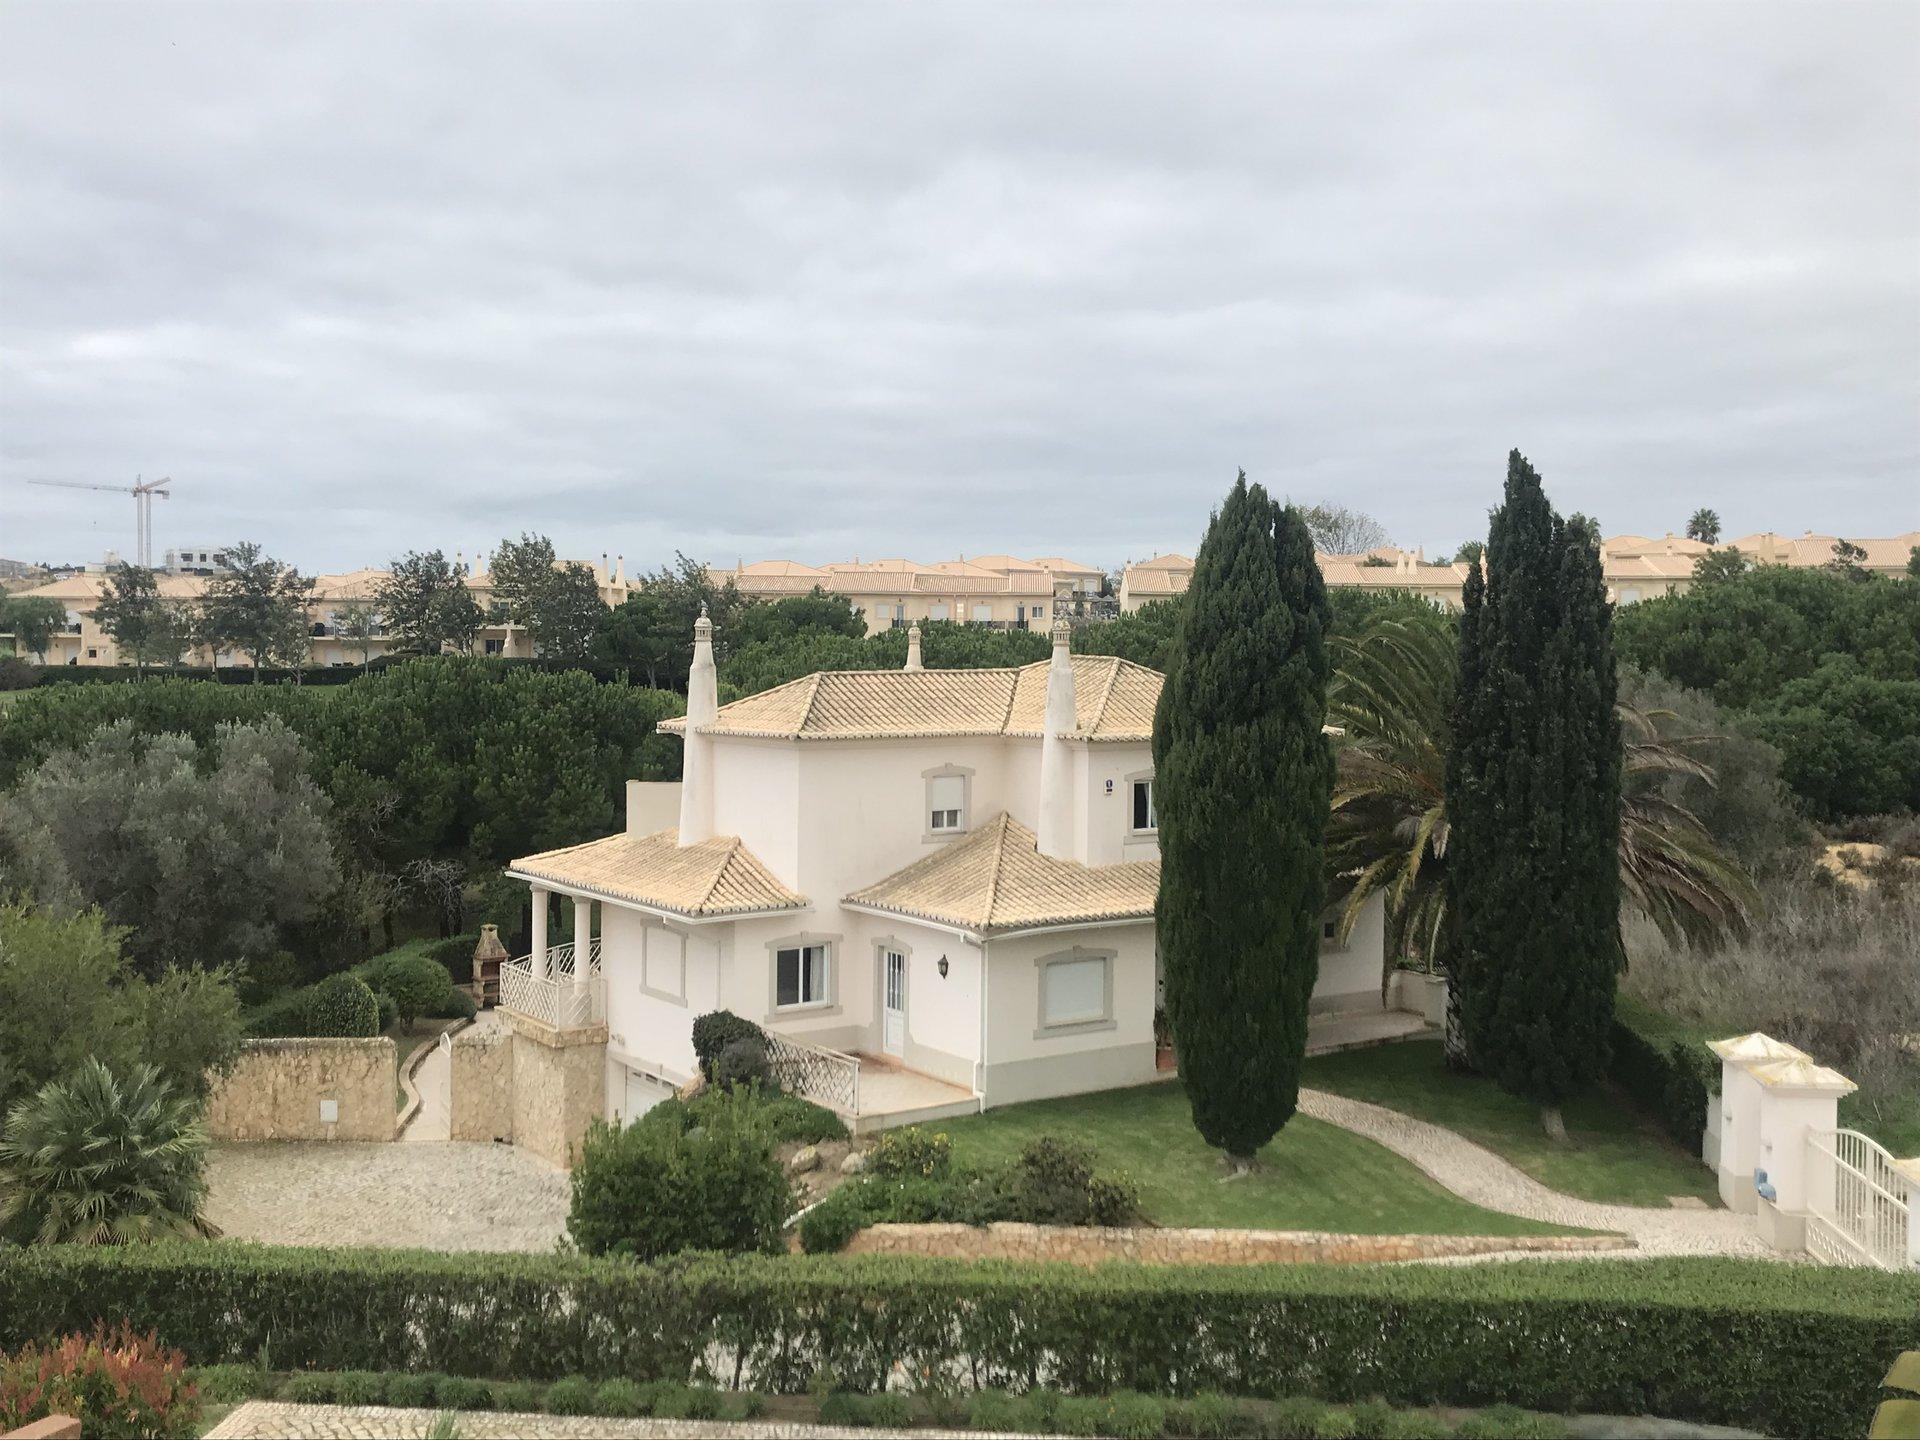 3 Bedroom Villa Lagos, Western Algarve Ref: GV626